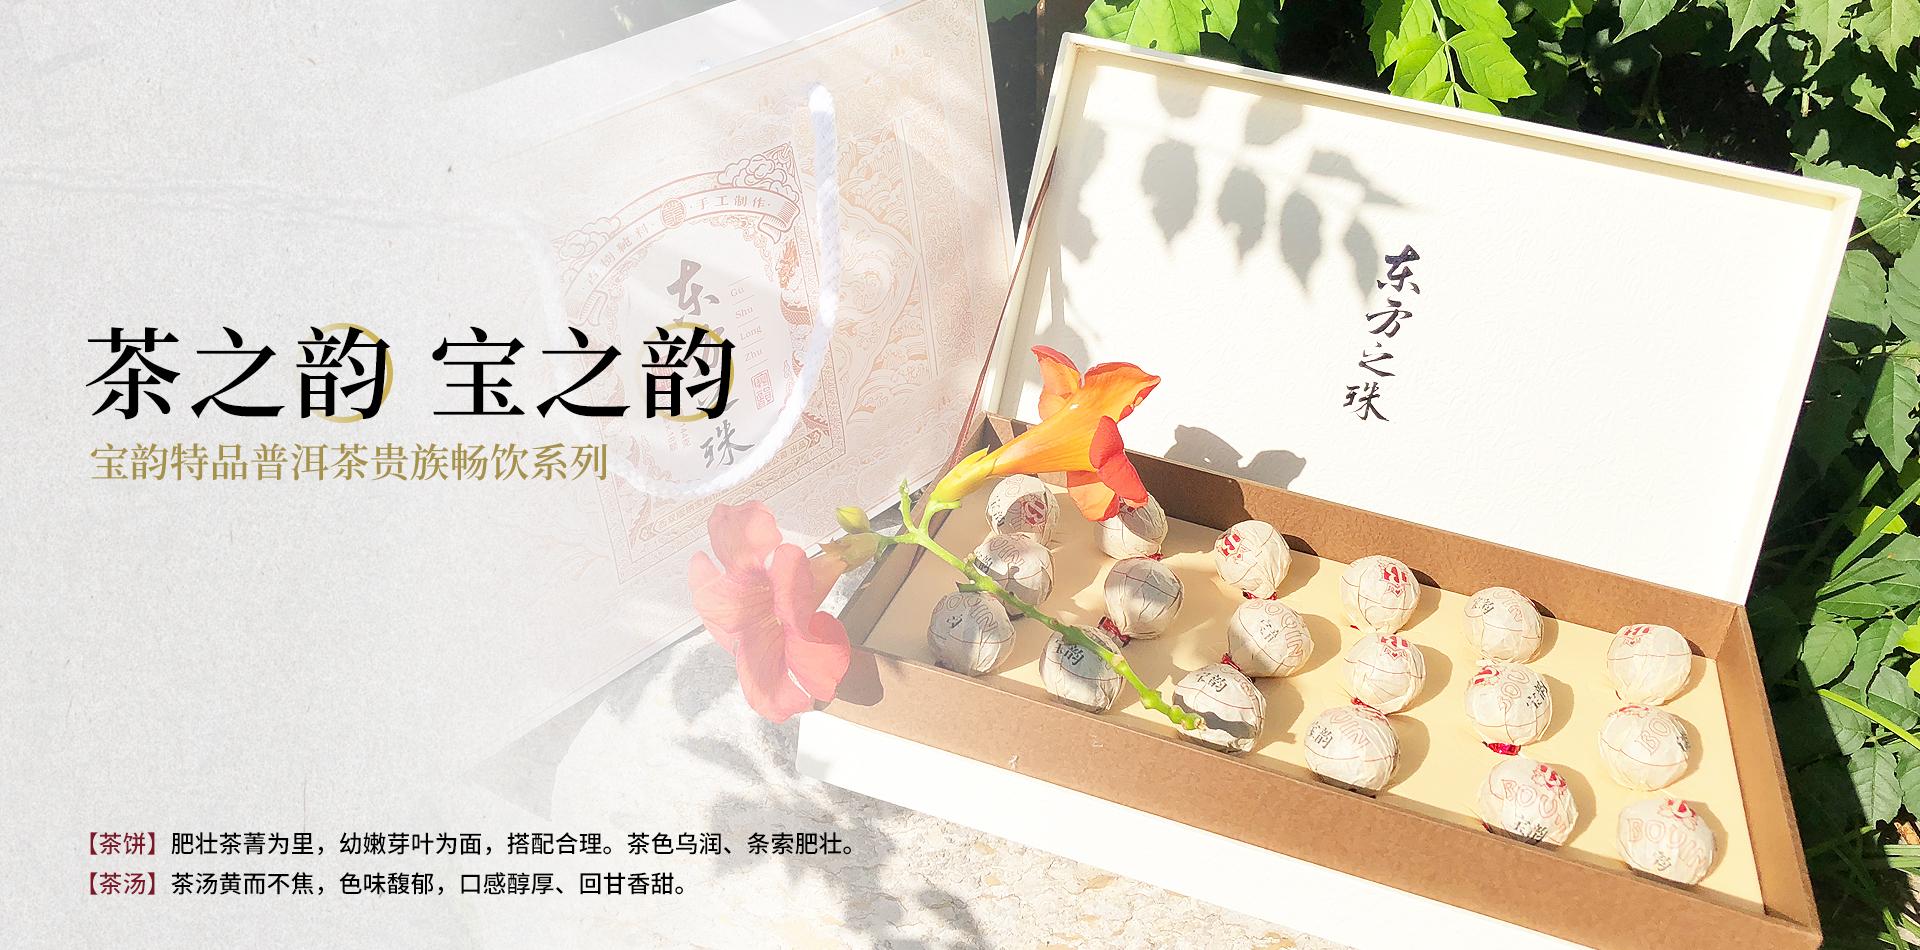 宝韵酒庄招商,宝韵红酒加盟,马顿红酒代理,宝韵茶庄招商加盟